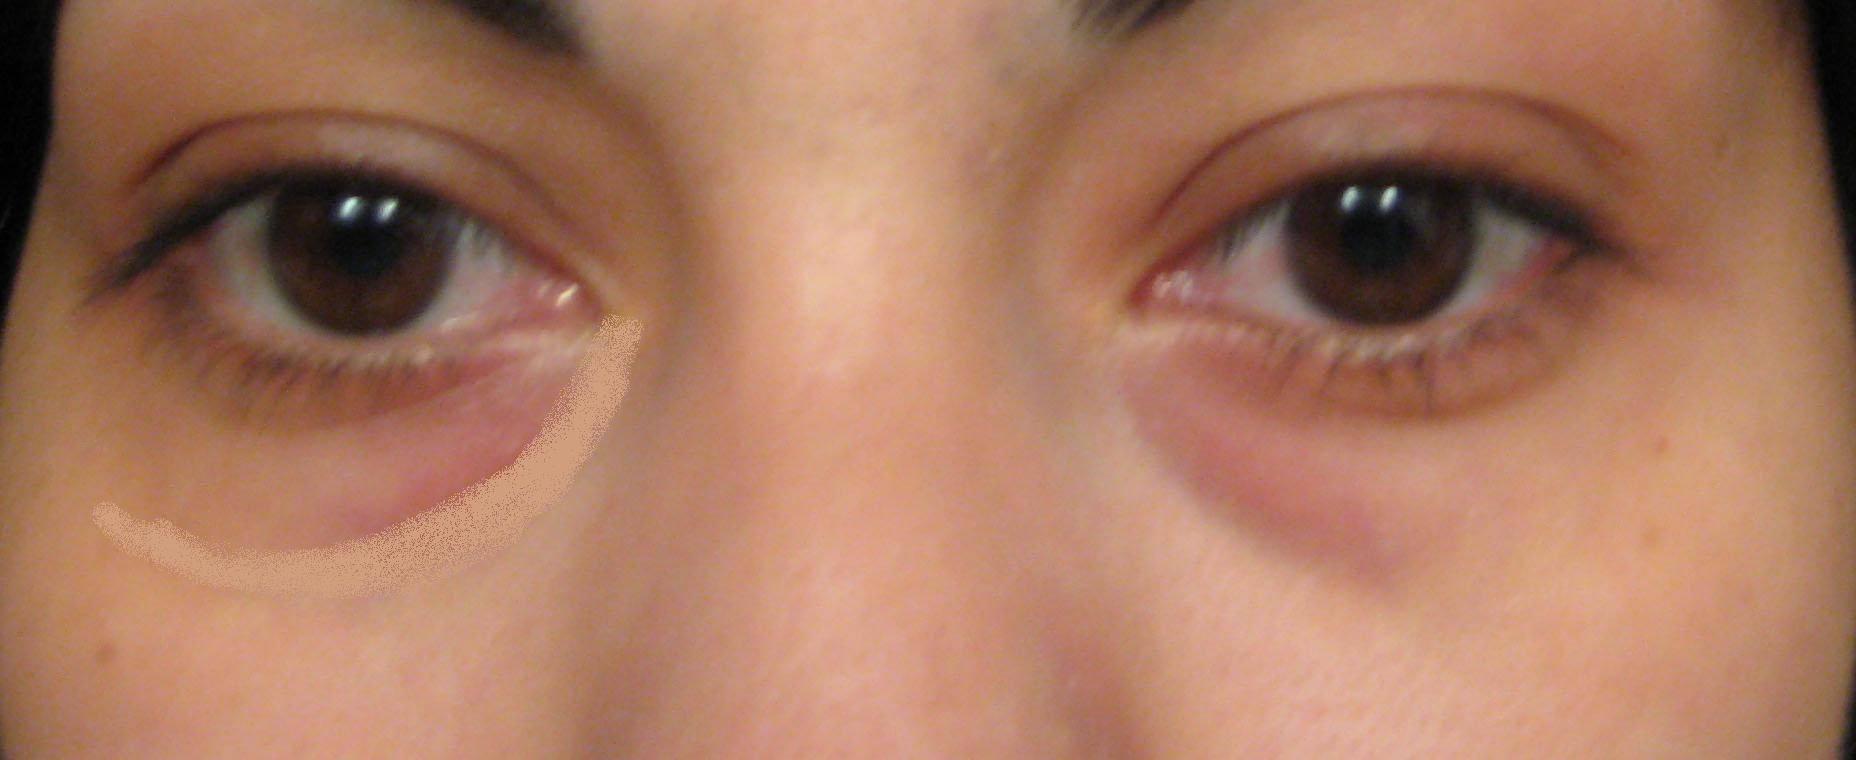 Мешки под глазами, причины появления и что делать